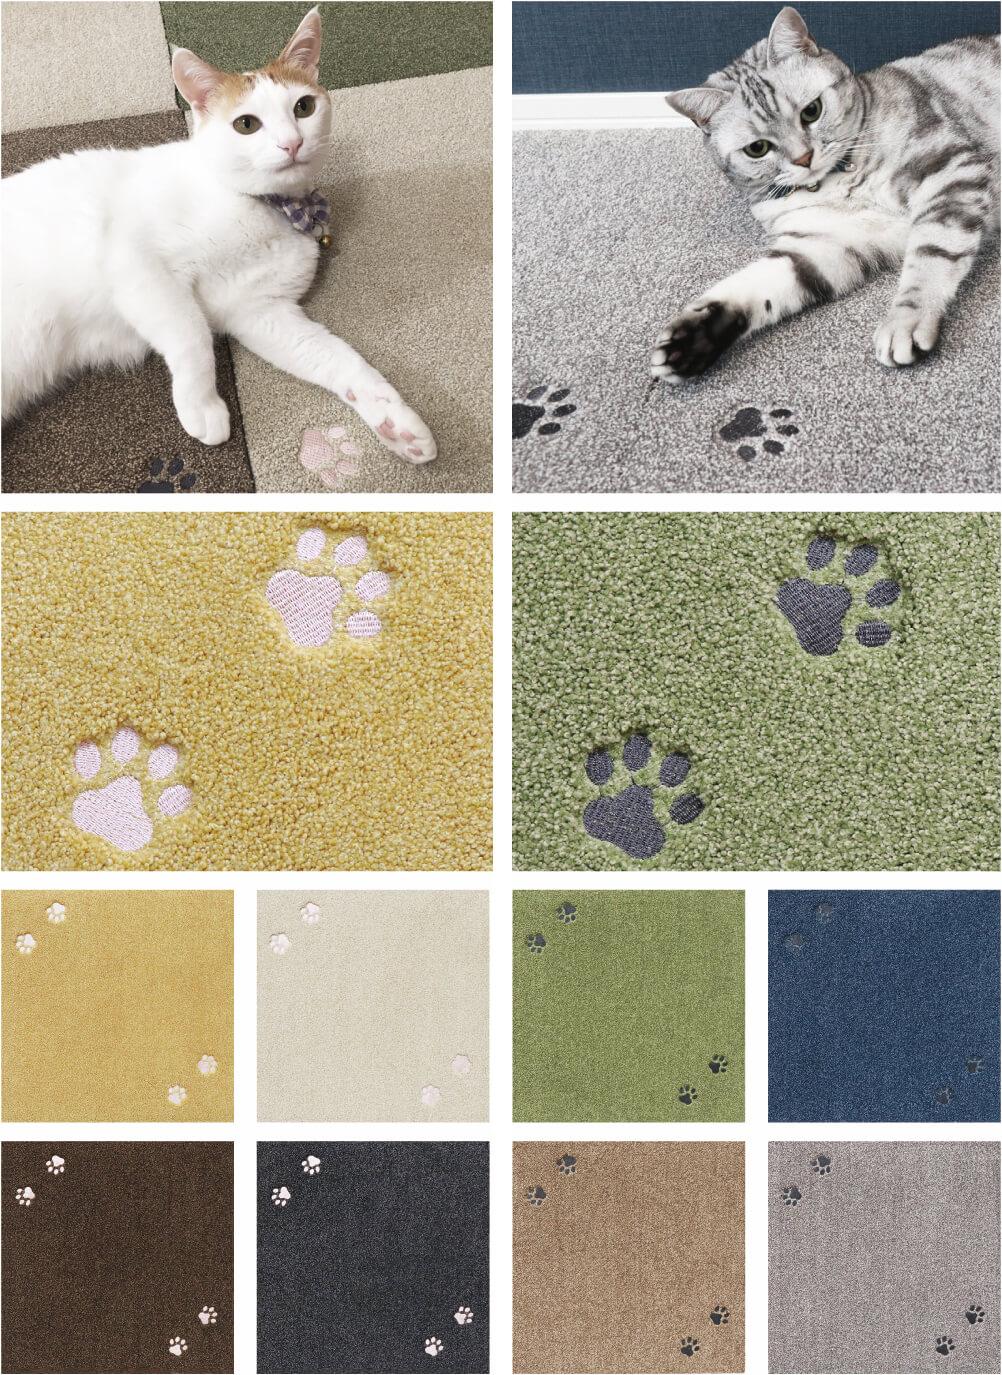 猫用のラグ「猫の箱庭 Rugtasu タイルラグ」のカラーバリエーション